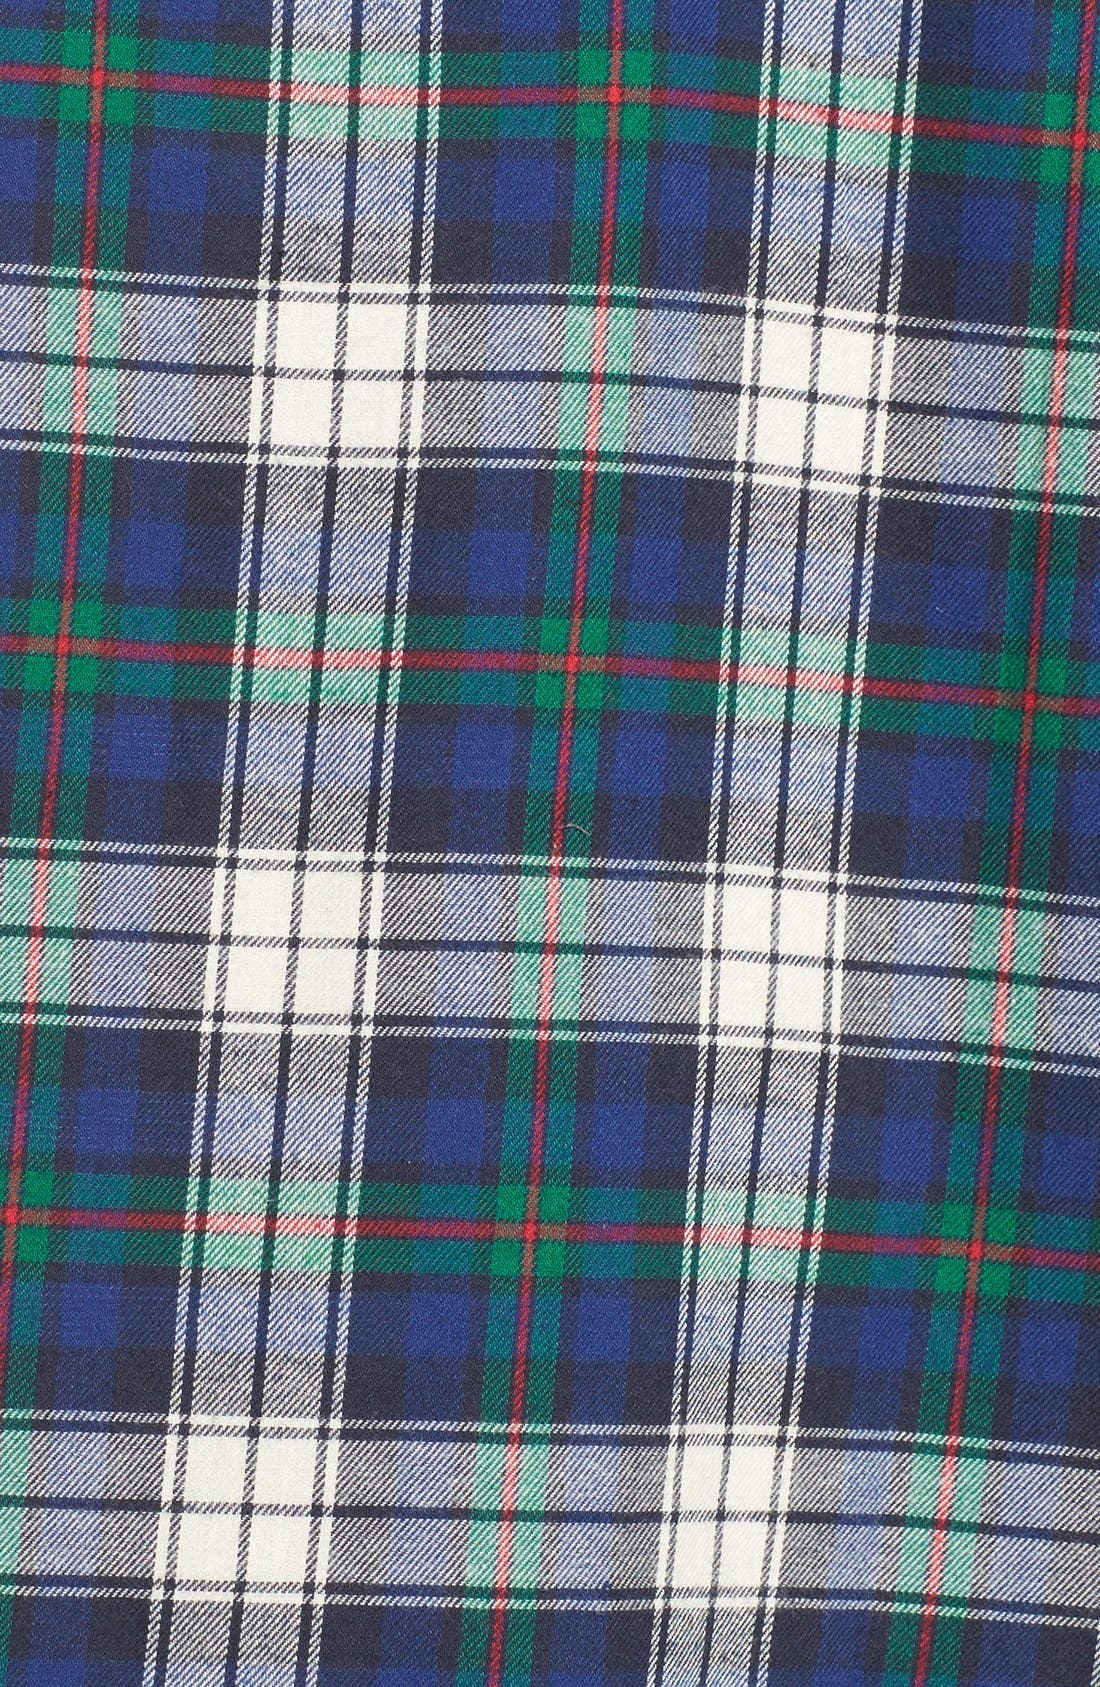 Plaid Woven Sleep Shirt,                             Alternate thumbnail 5, color,                             Plaid Cream/ Blue/ Green